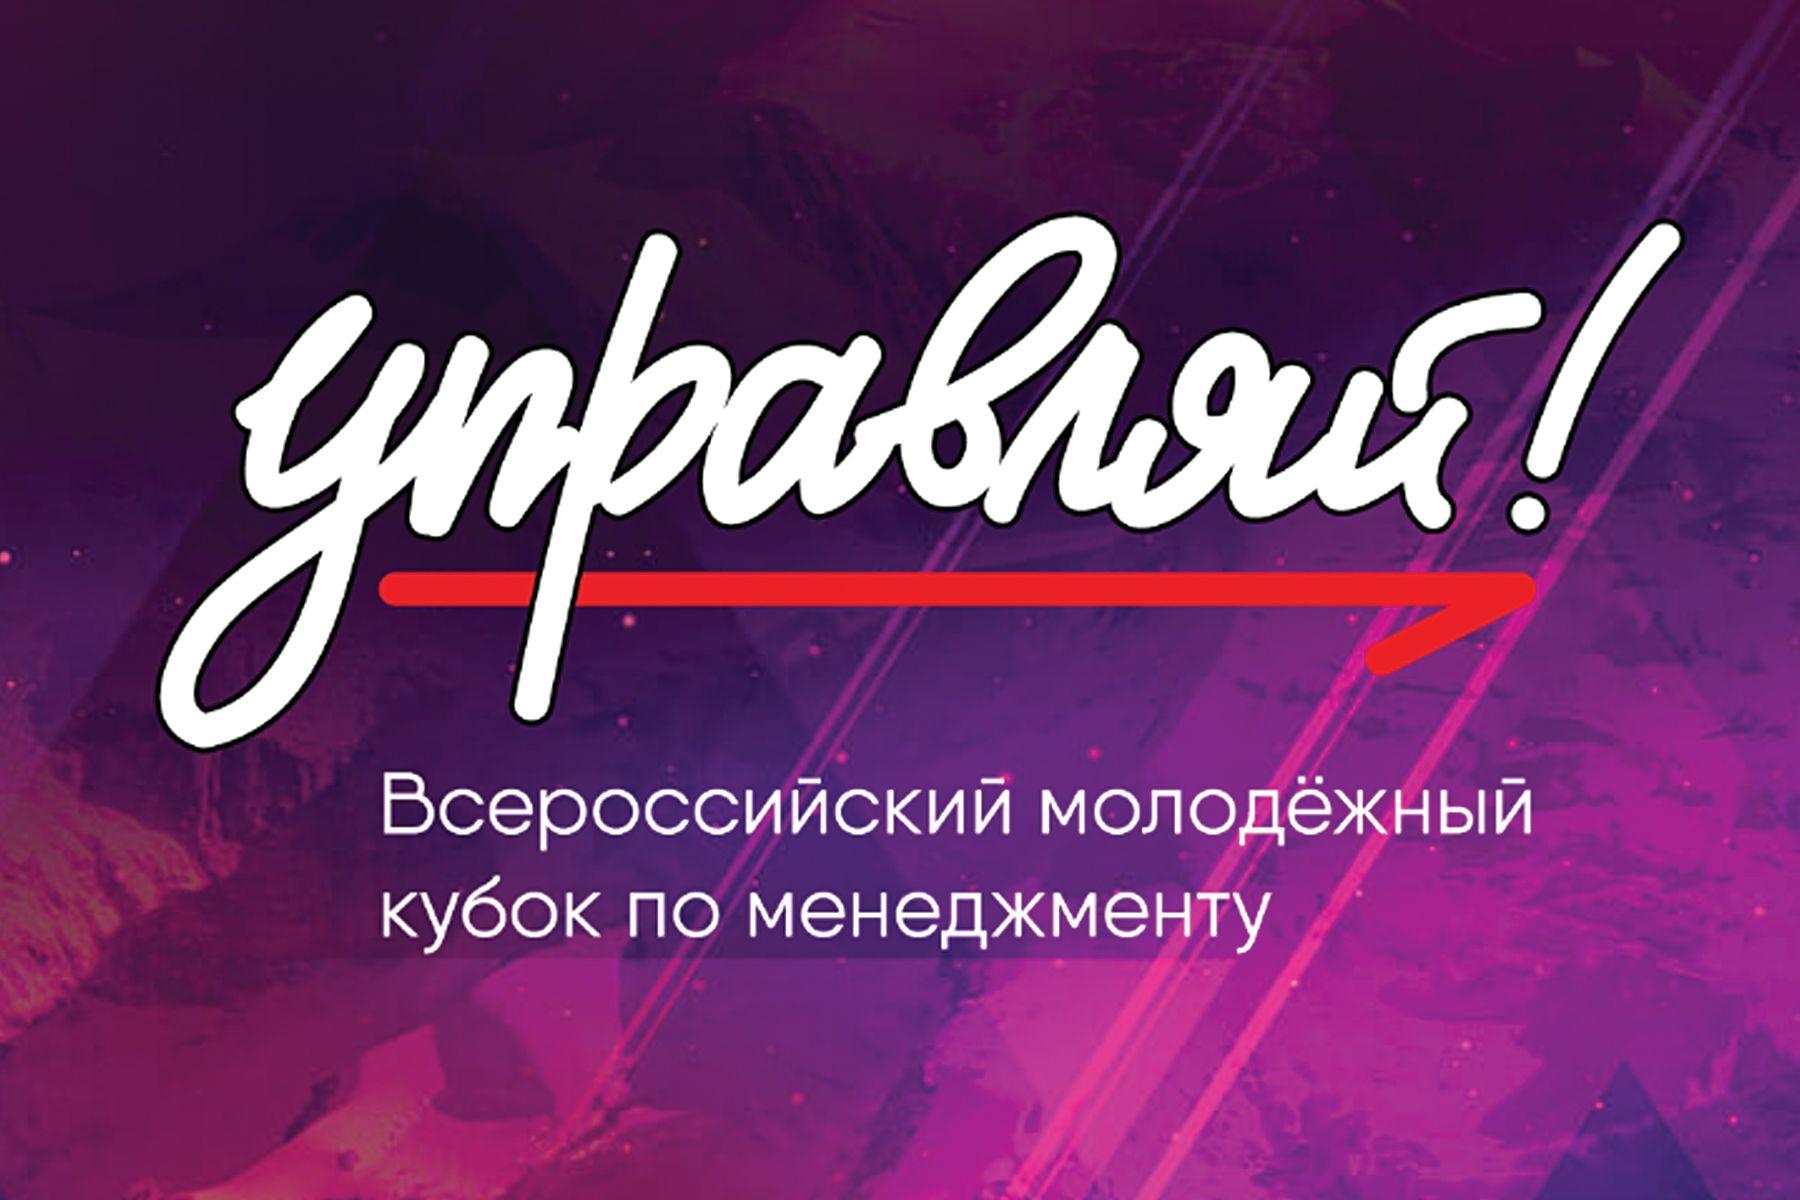 Финал Всероссийского молодёжного кубка по менеджменту «Управляй!» пройдет во ВГУЭС